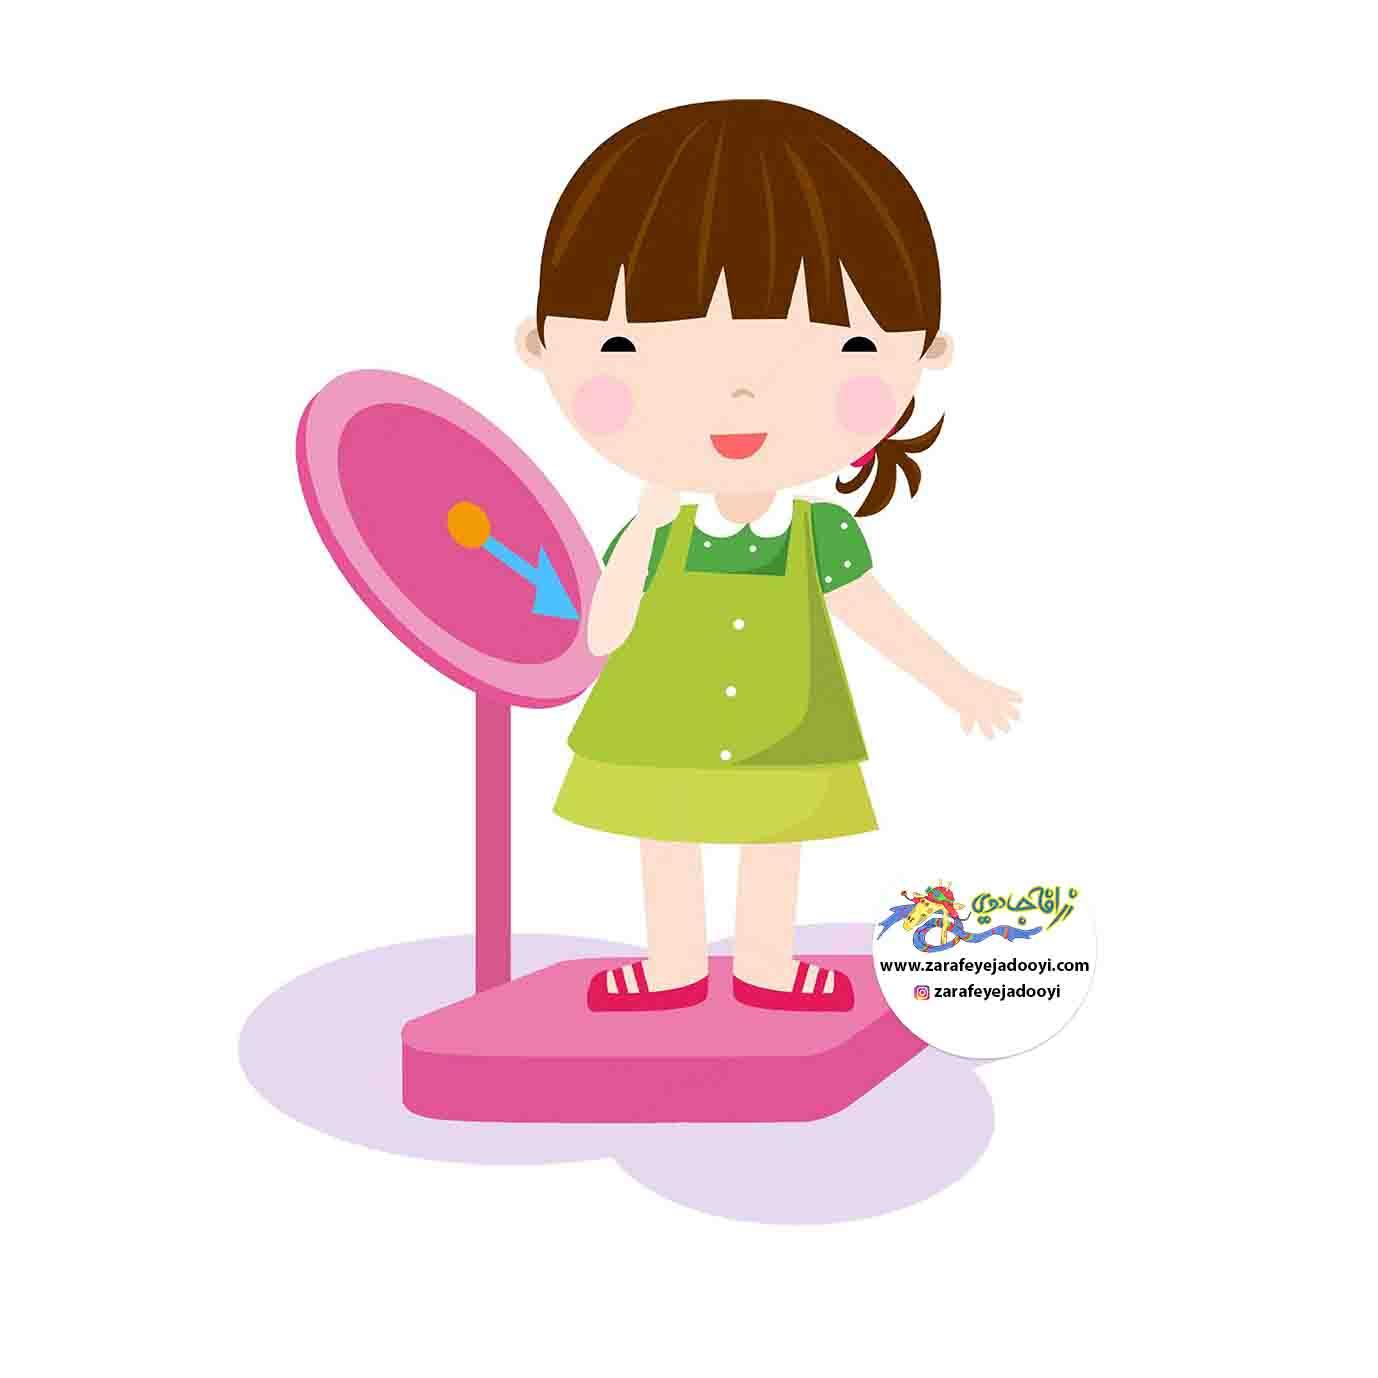 زرافه جادویی - آموزش مفهوم وزن به کودک